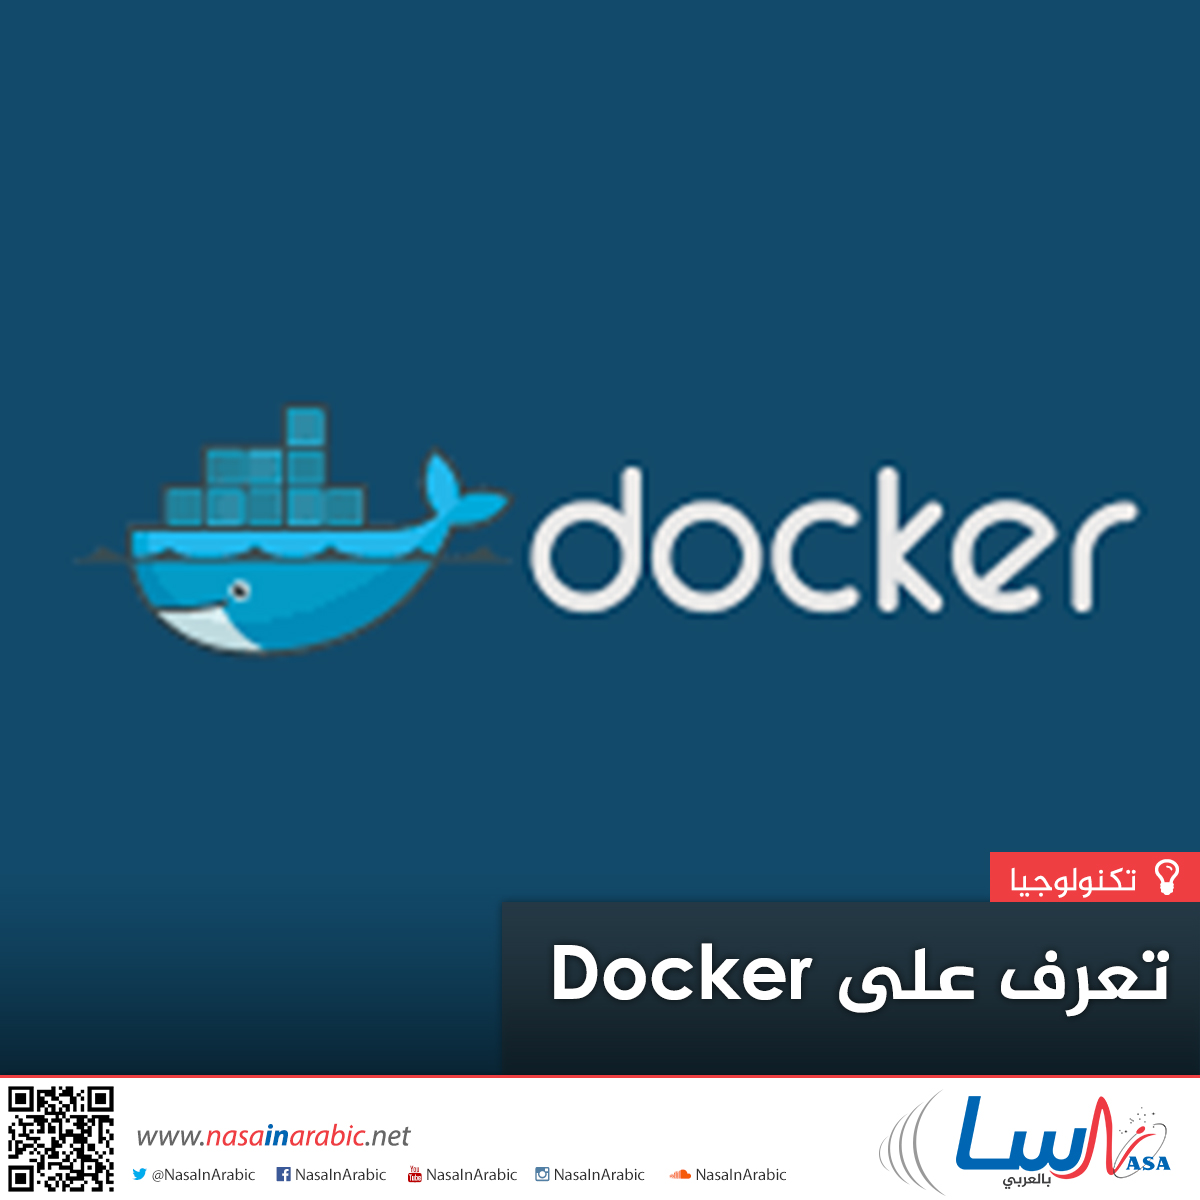 تعرف على تكنلوجيا المستقبل Docker